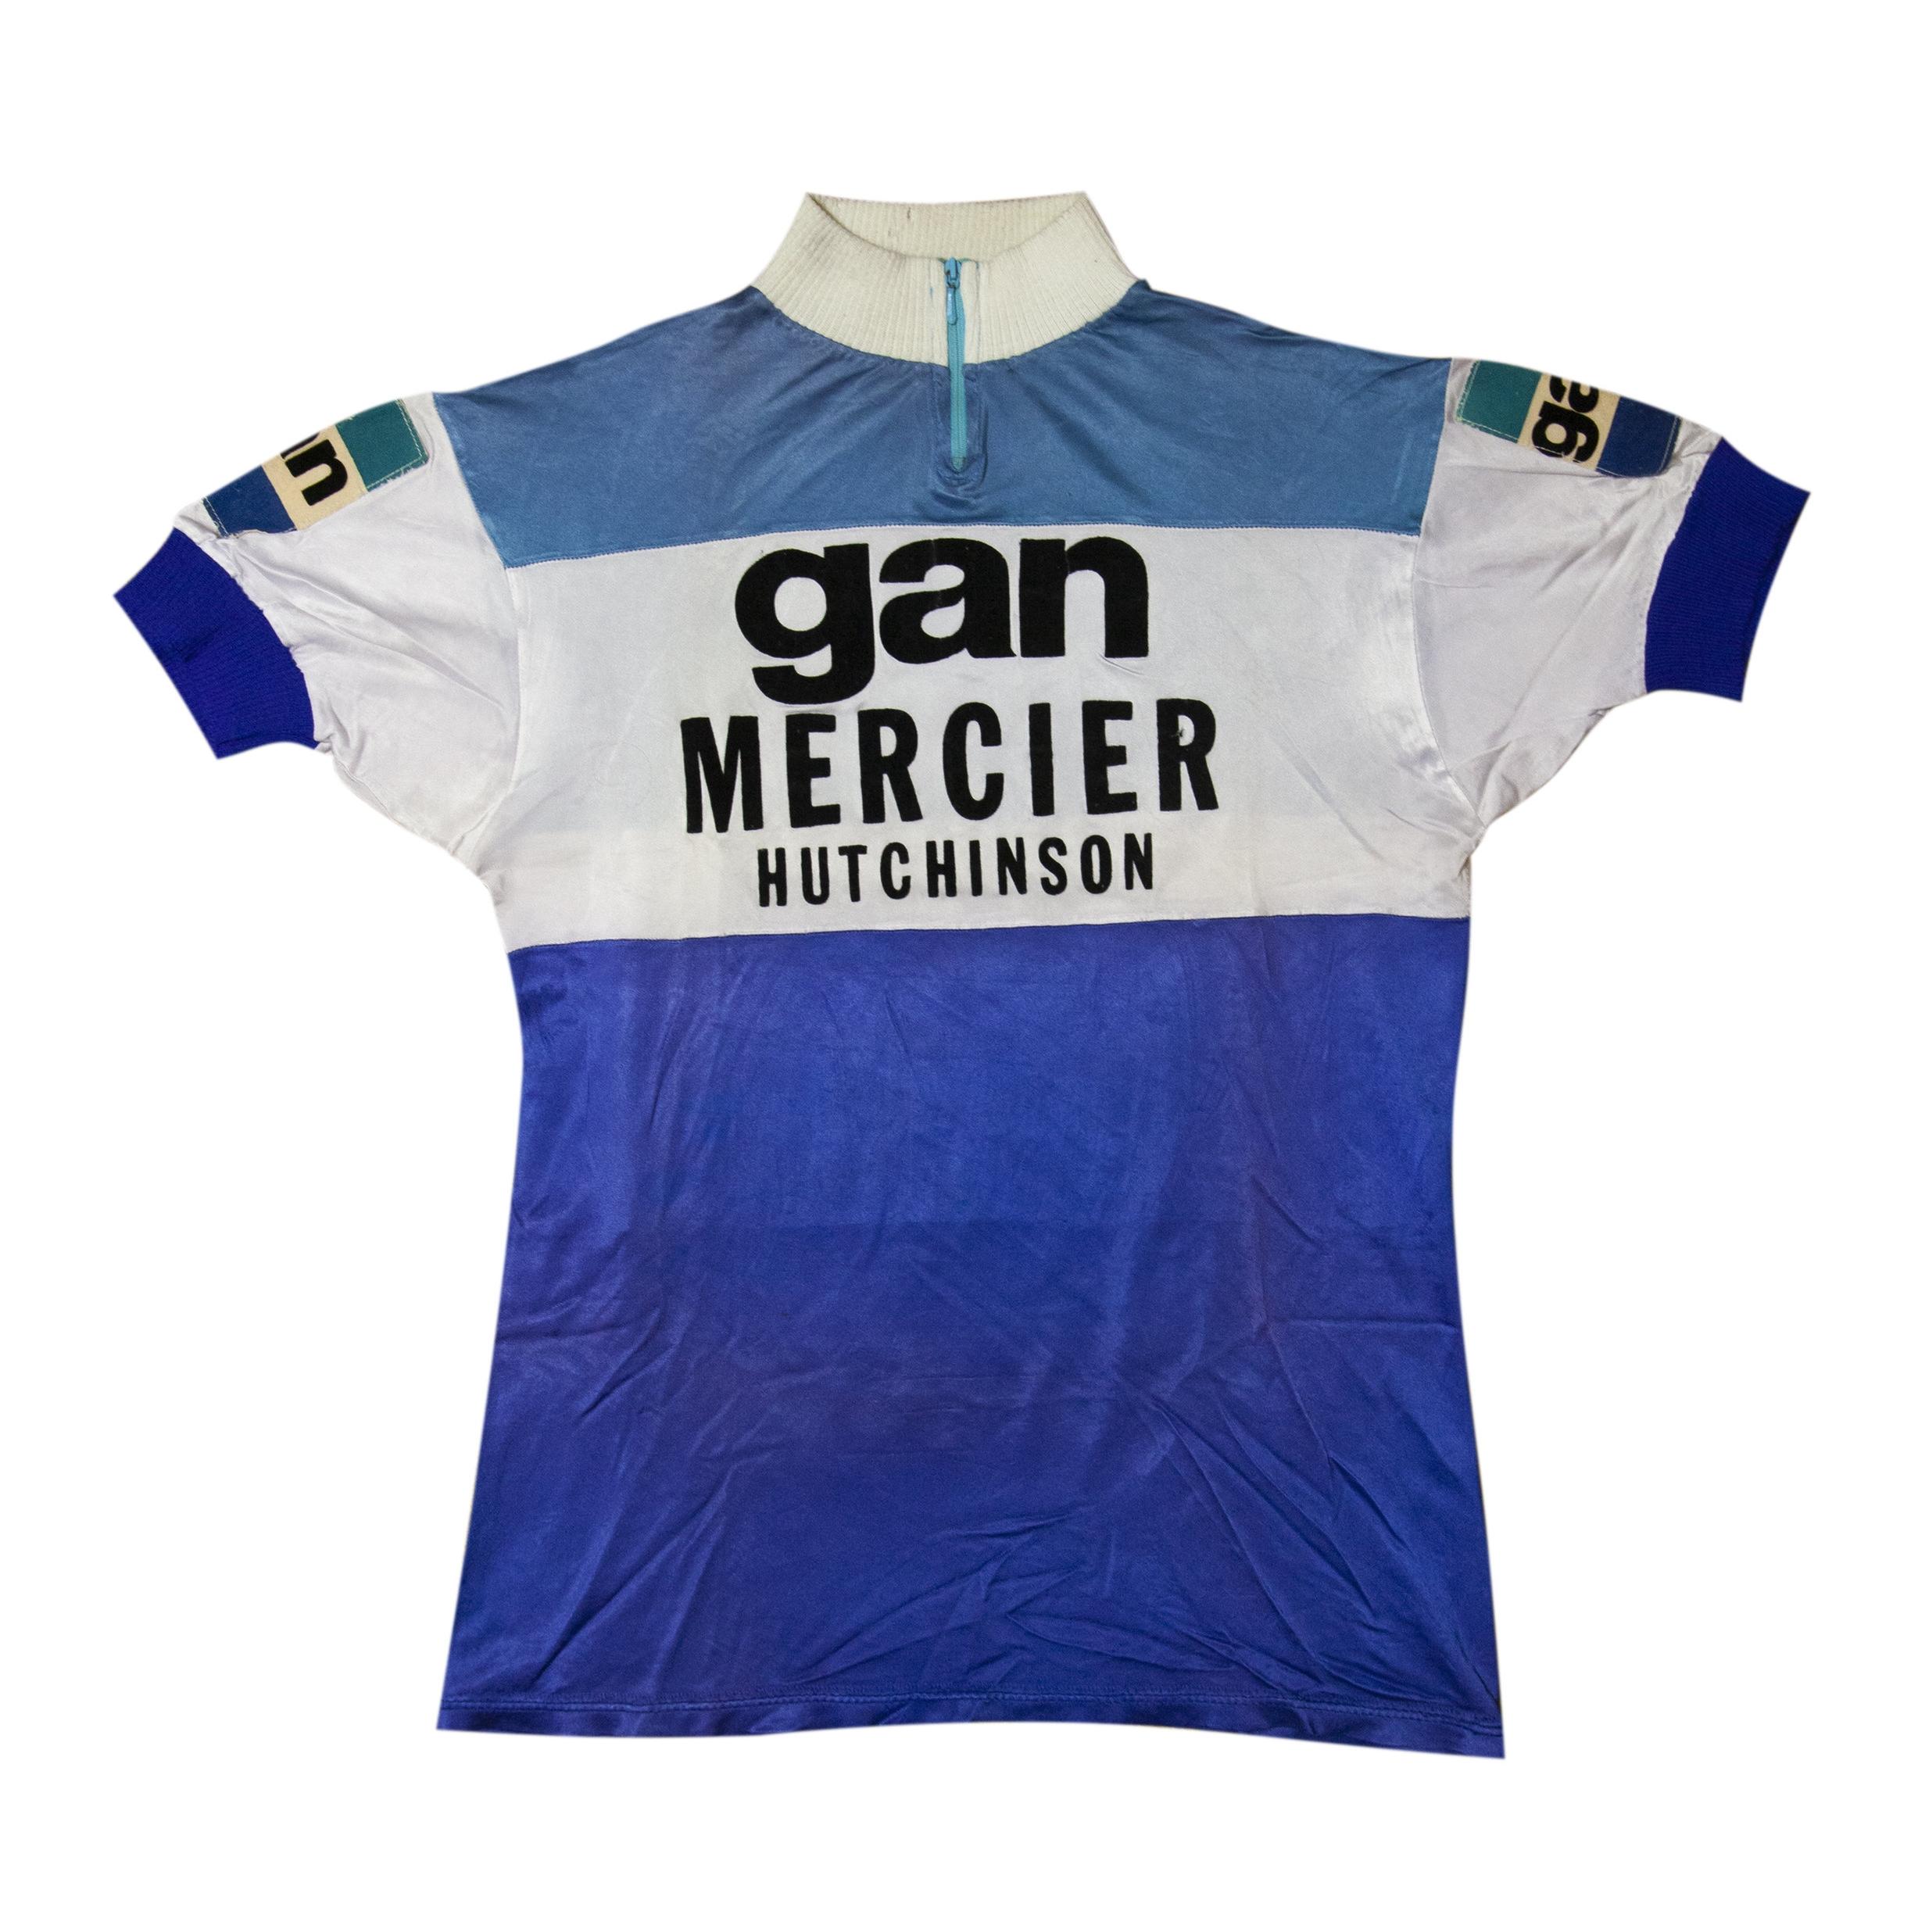 1974 - GAN Mercier - Hutchinson